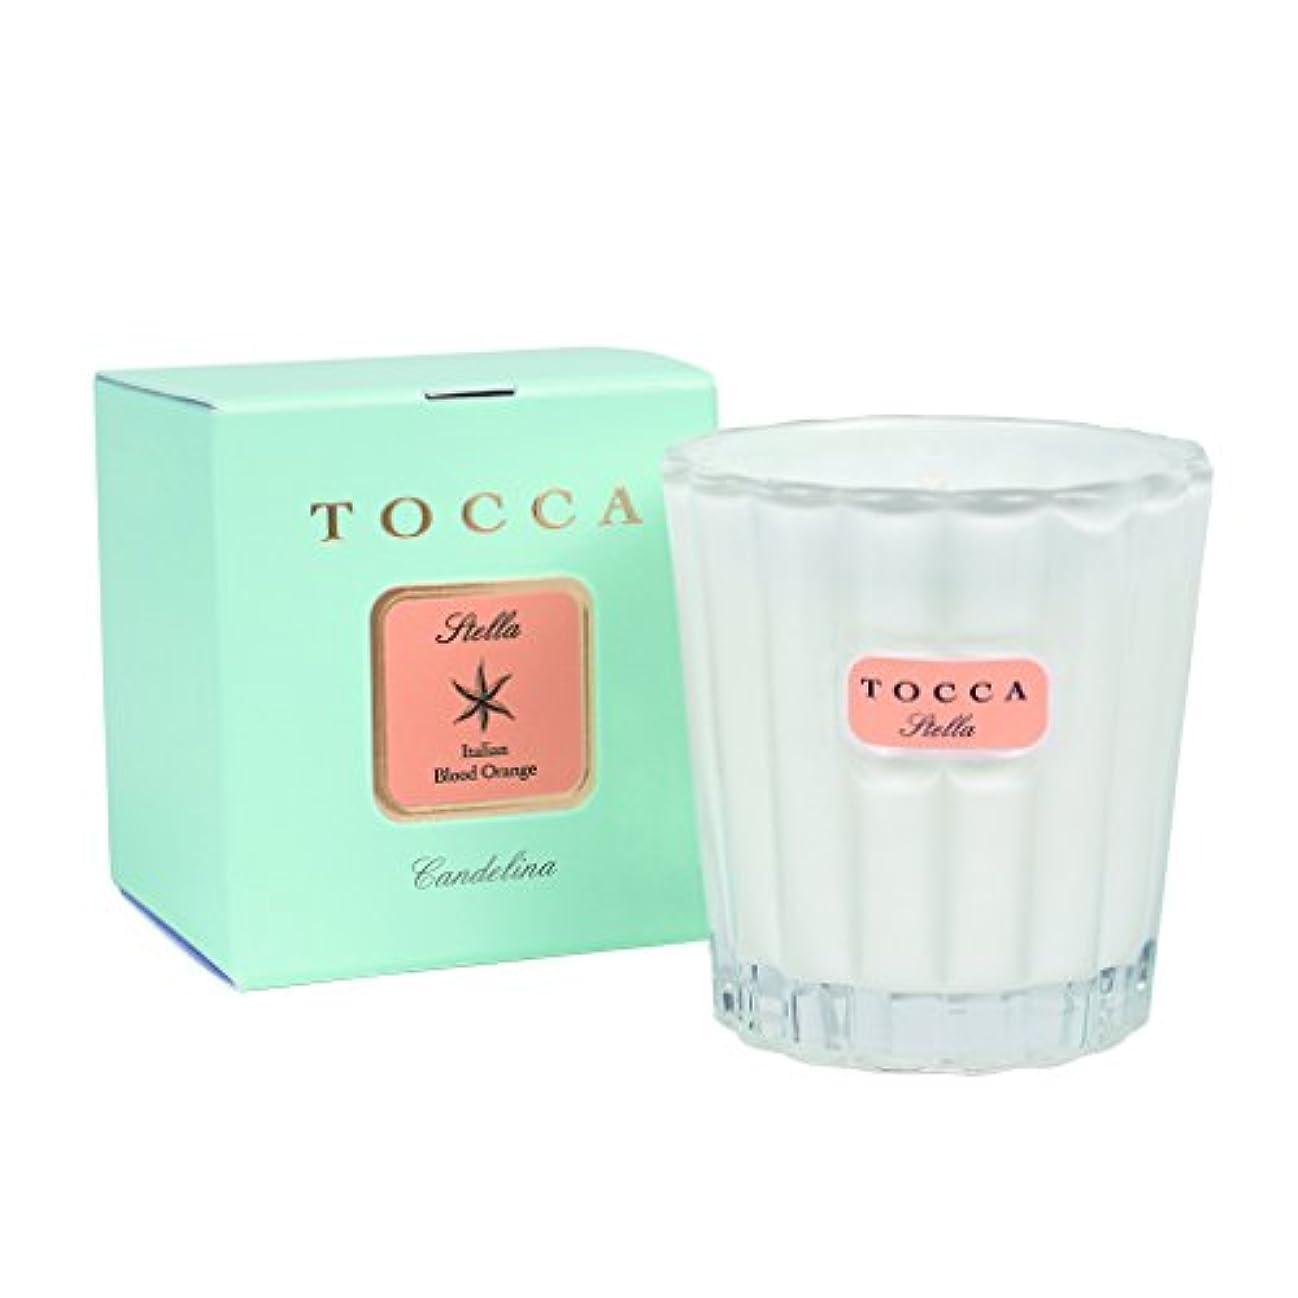 初期協同安西トッカ(TOCCA) キャンデリーナ ステラ 88g (キャンドル ろうそく シトラス系でありながらほんのり甘く苦味を感じることのないさわやかな香り)